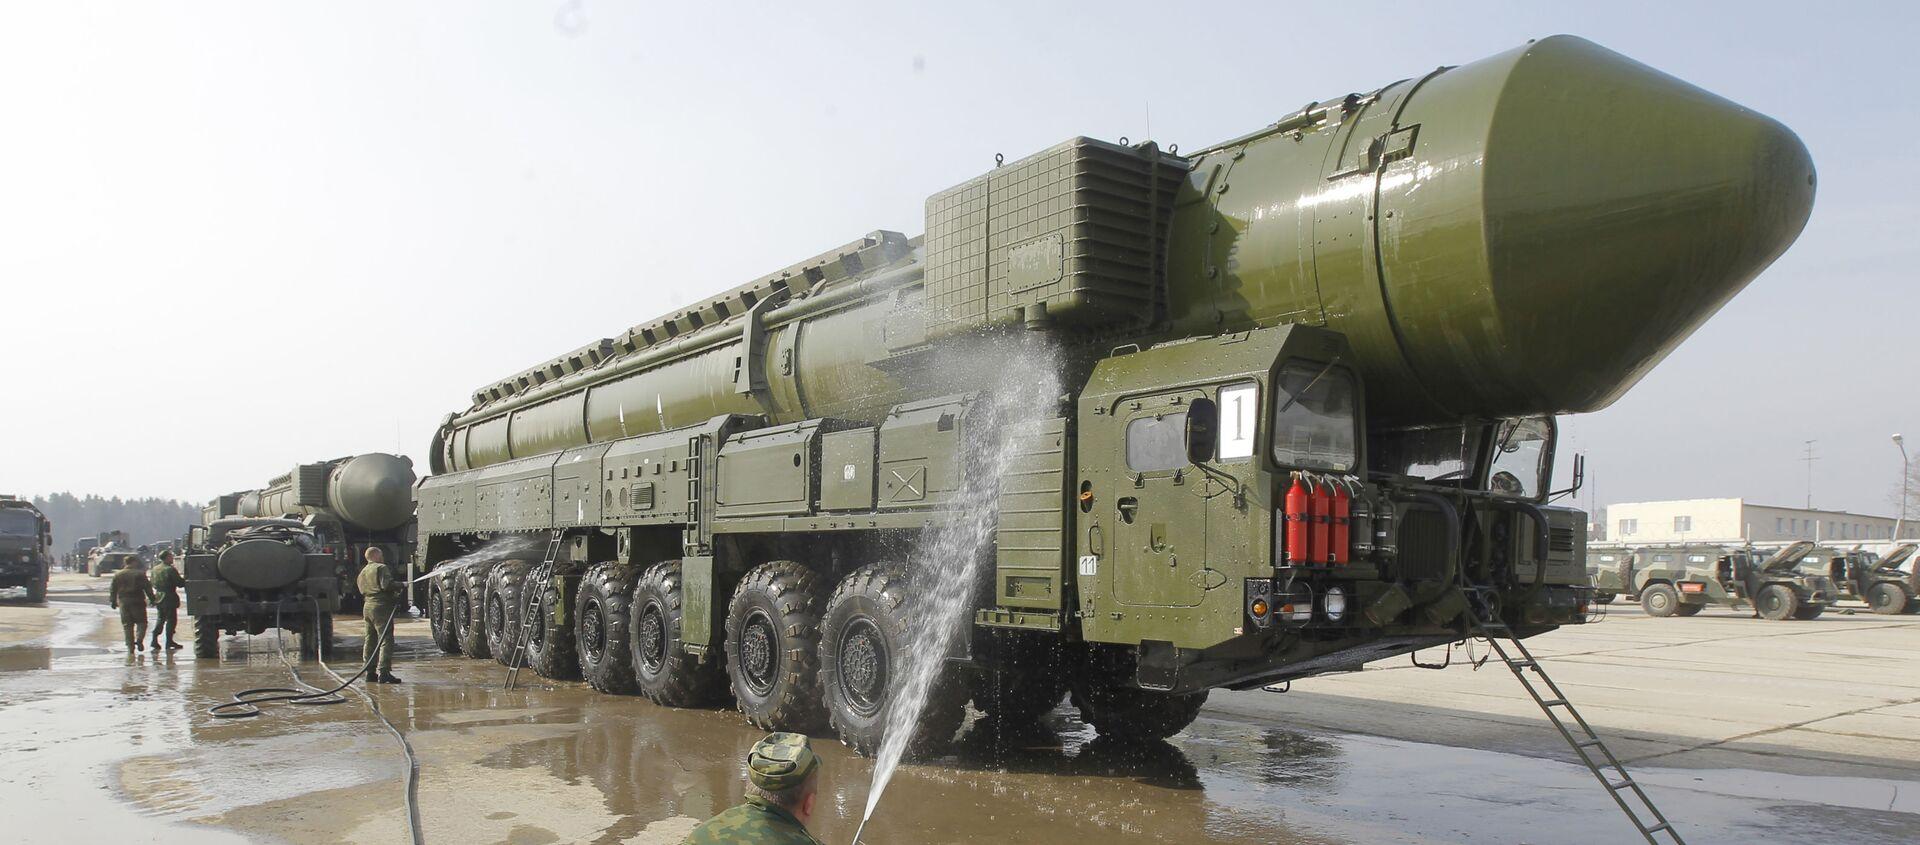 Дэманстрацыя ракетнага комплексу Тополь-М - Sputnik Беларусь, 1920, 07.04.2021